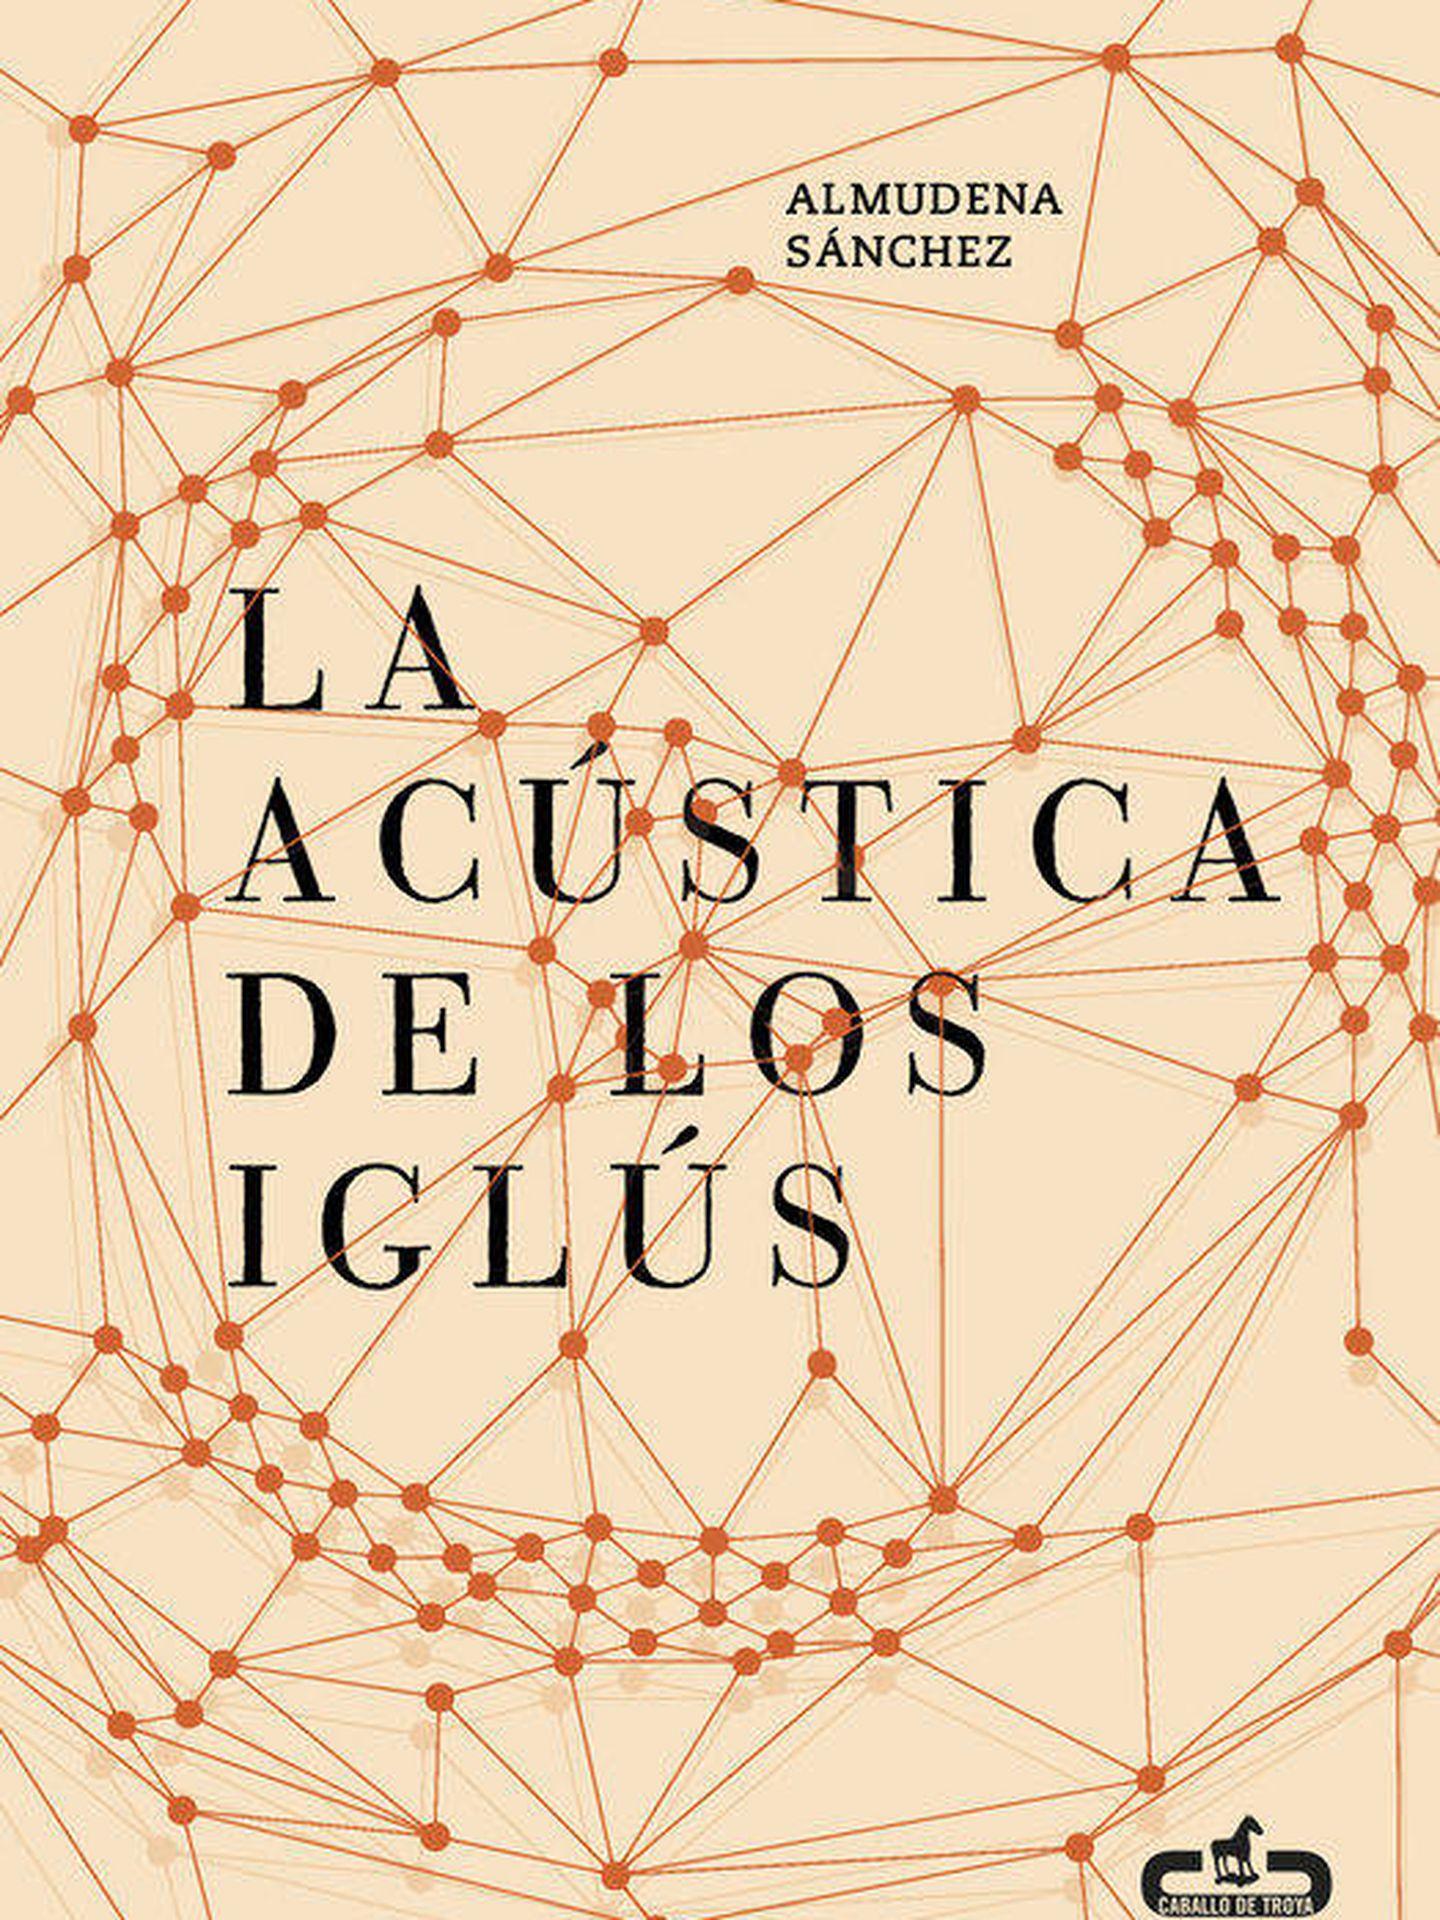 Portada de 'La acústica de los iglús'.